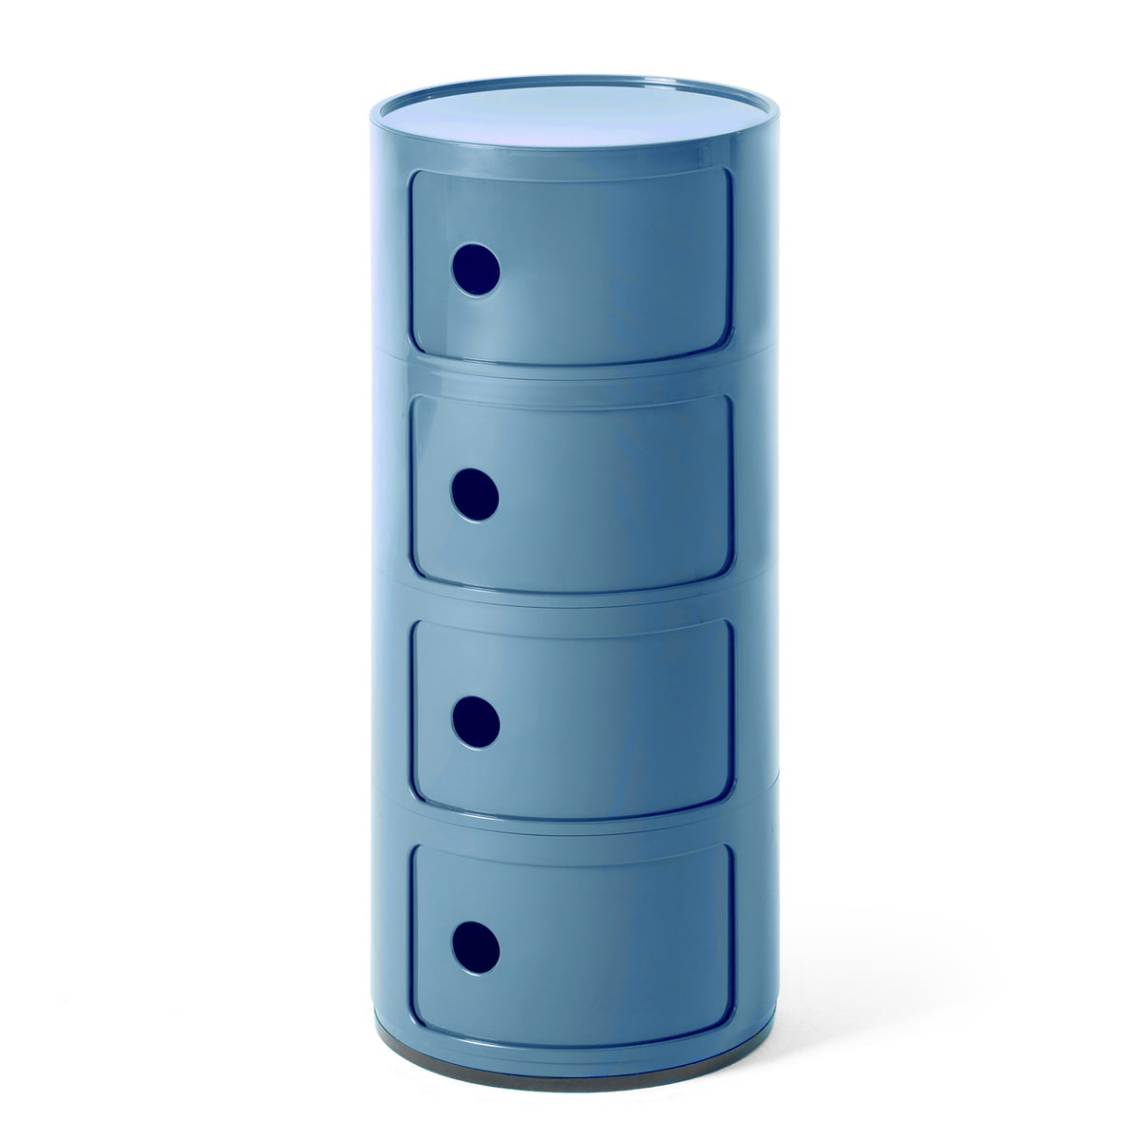 Componibili 4985 Container, blau